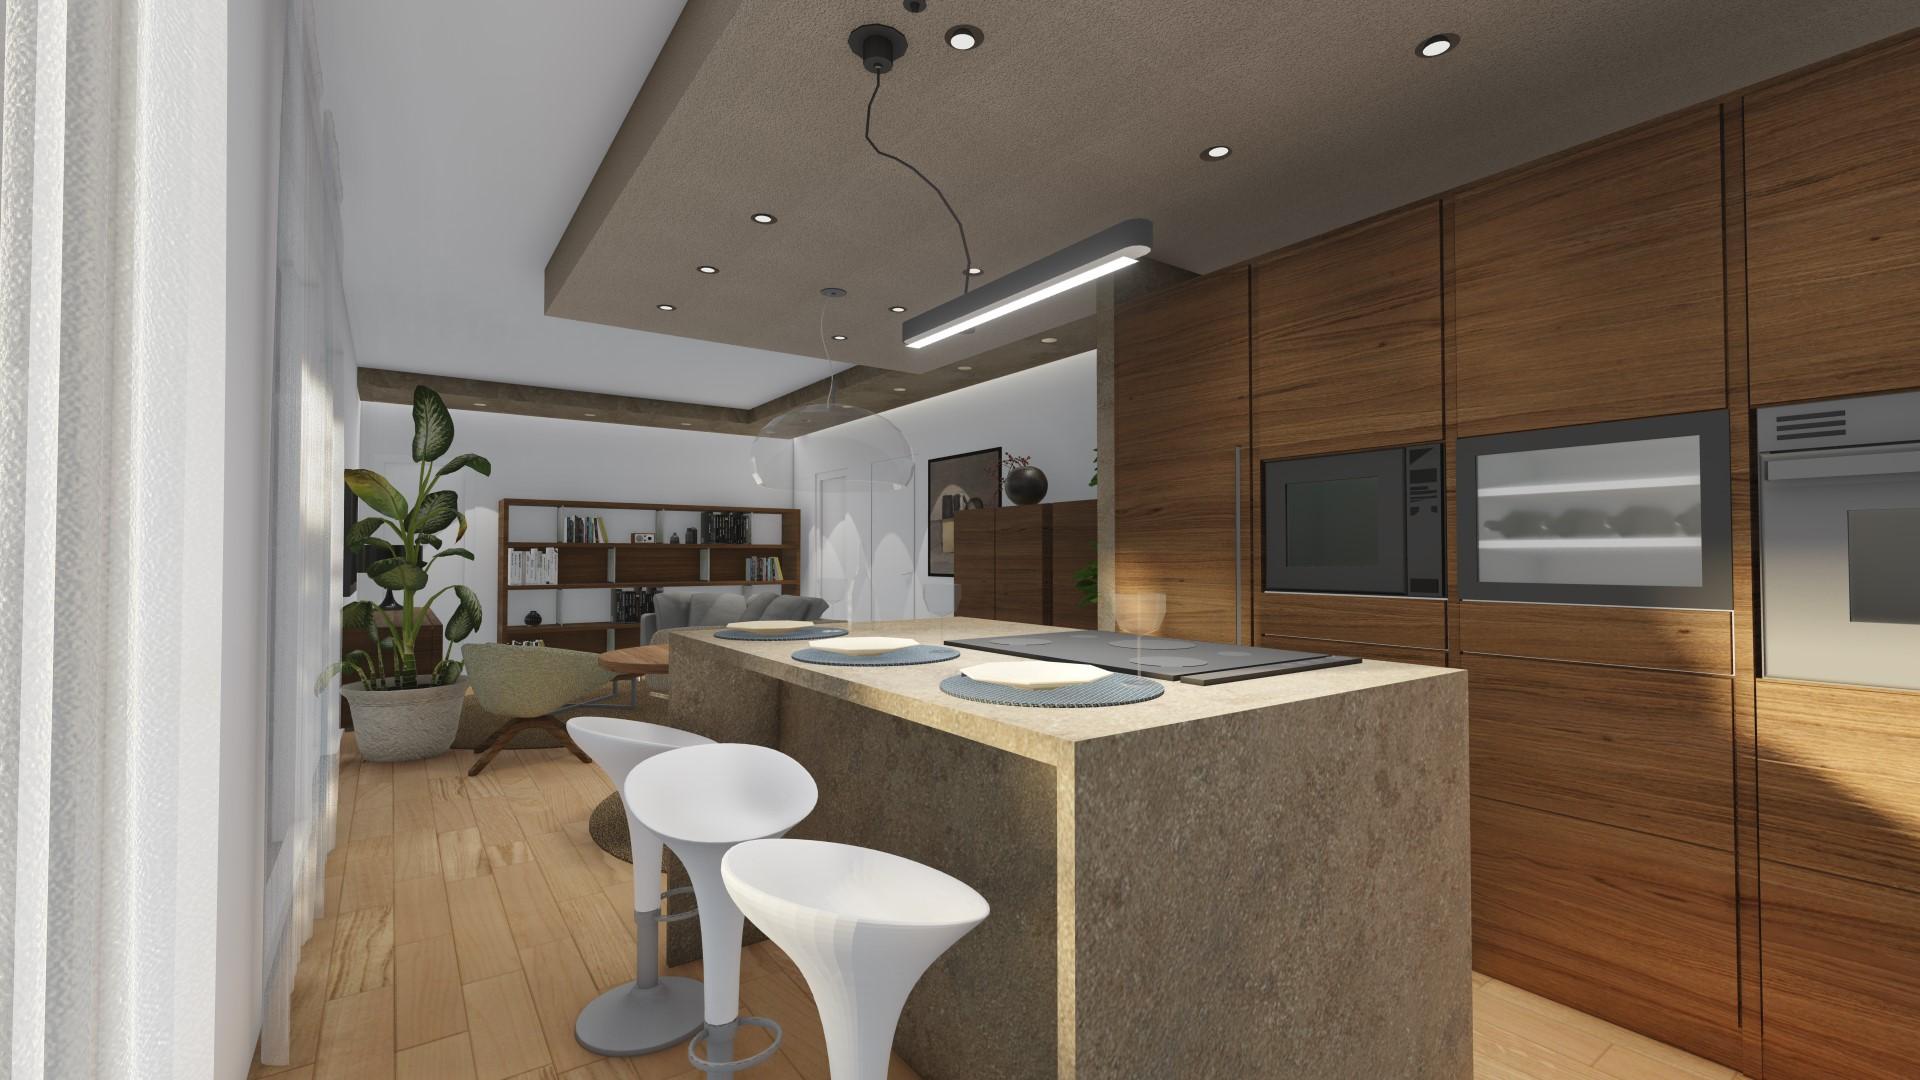 quadrilocale in vendita a Treviglio - cucina abitabile